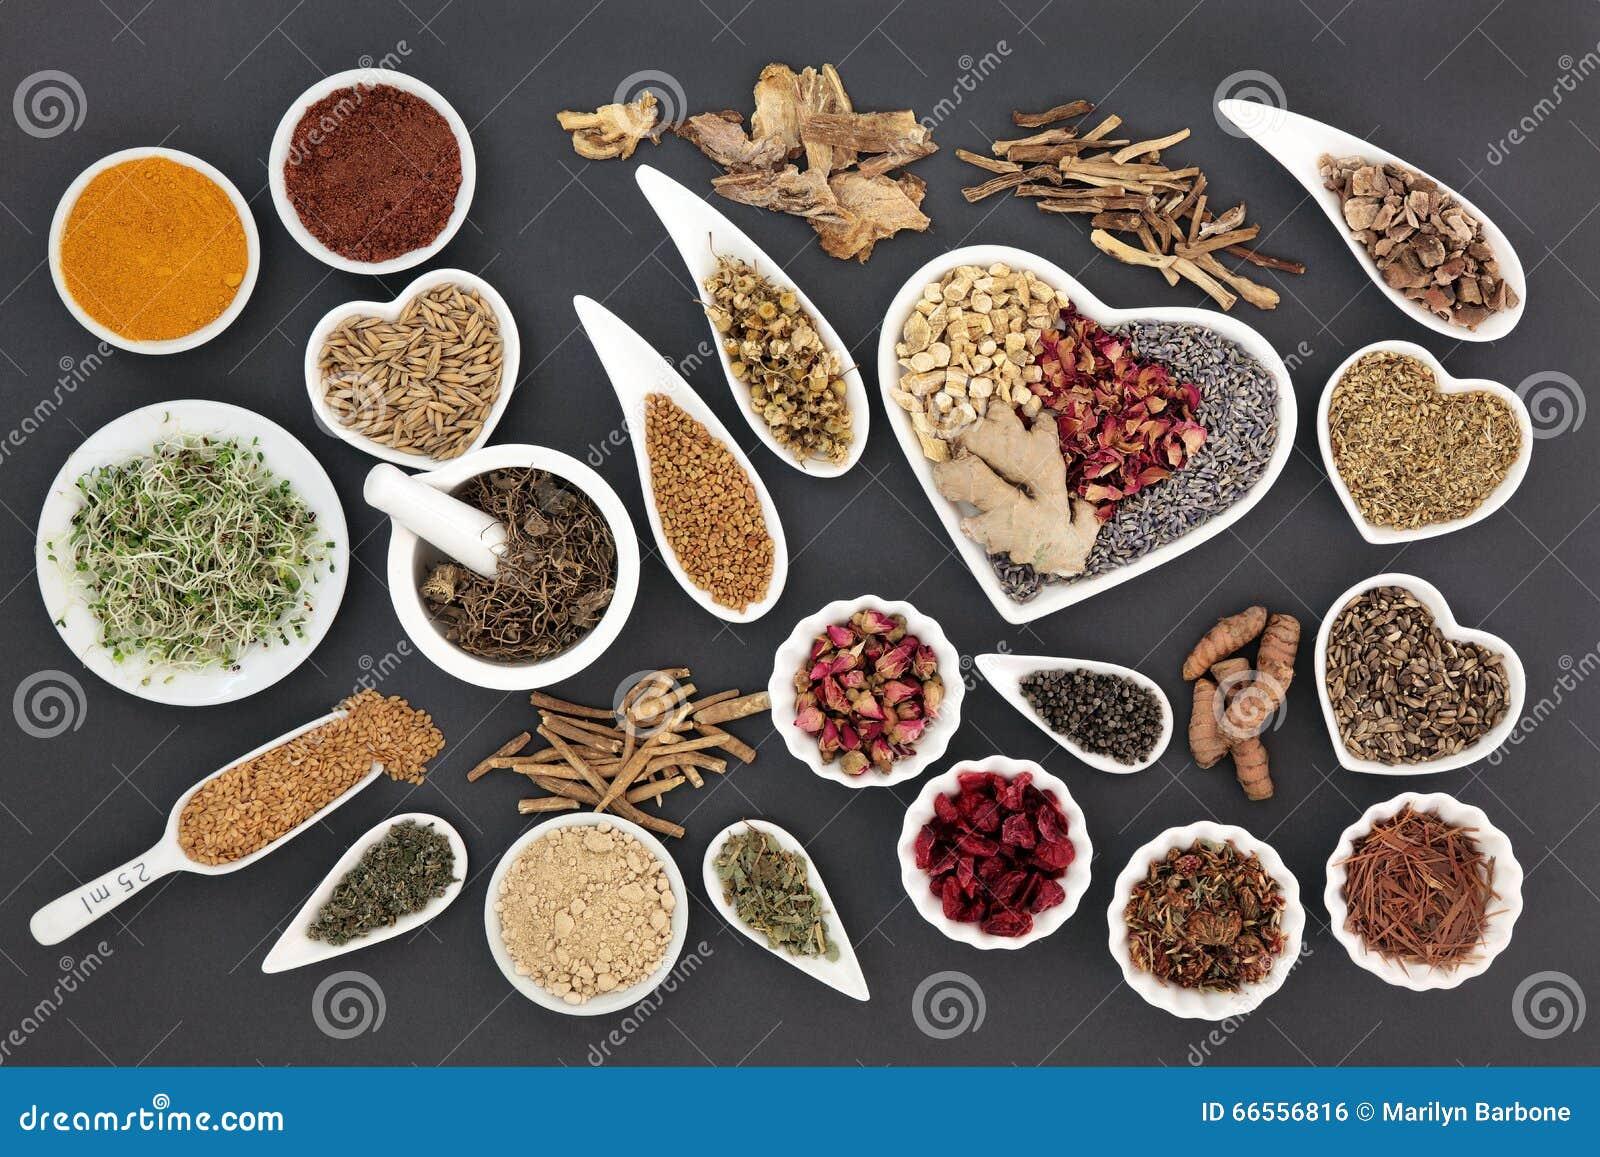 Healing Herbs for Women